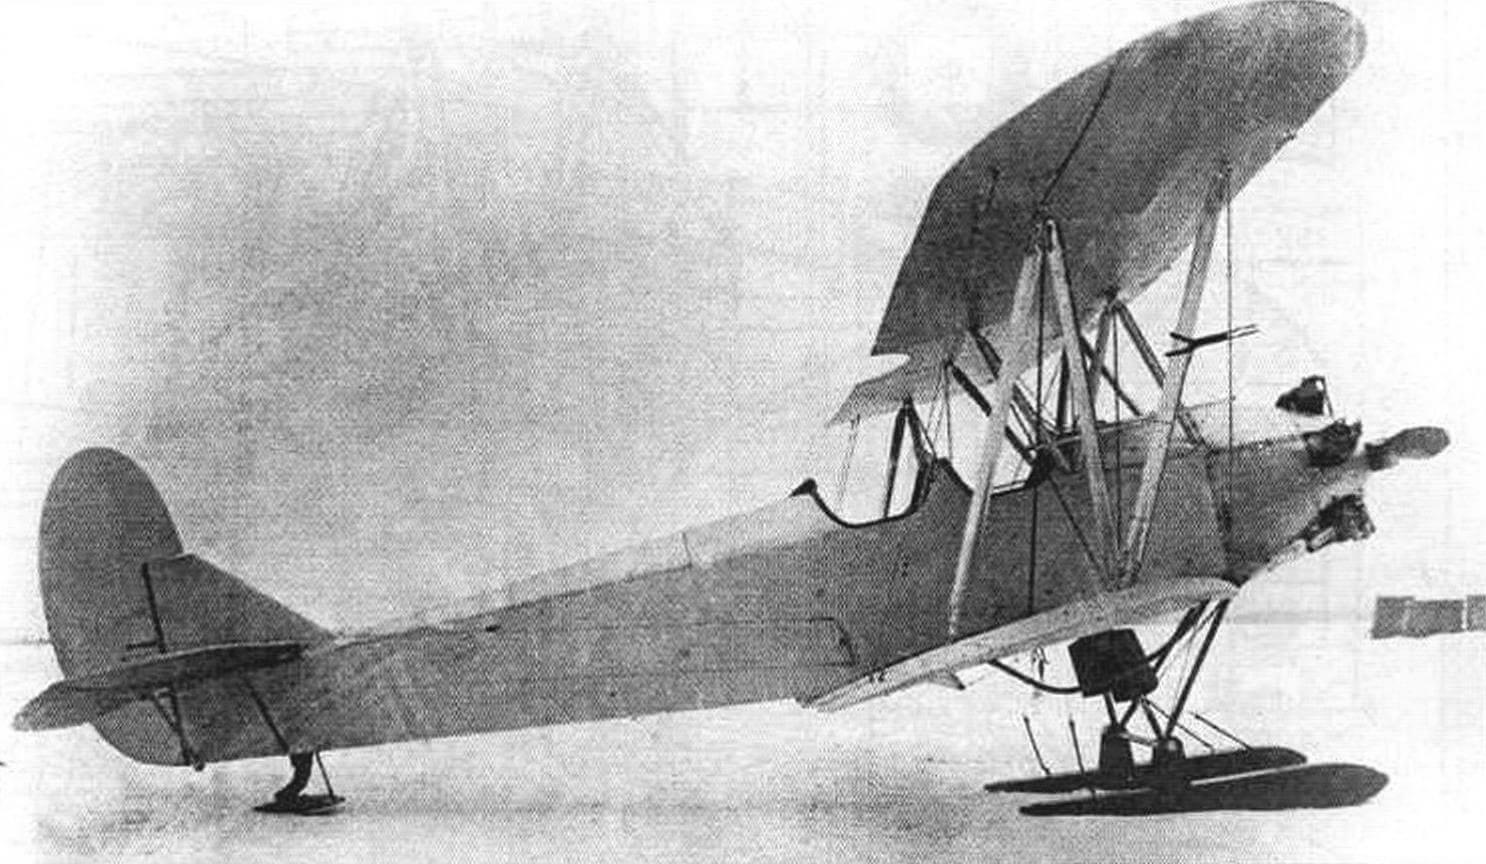 Второй опитый экземпляр У-2 с эллиптическими законцовками крыльев во время испытаний в феврале 1928 года